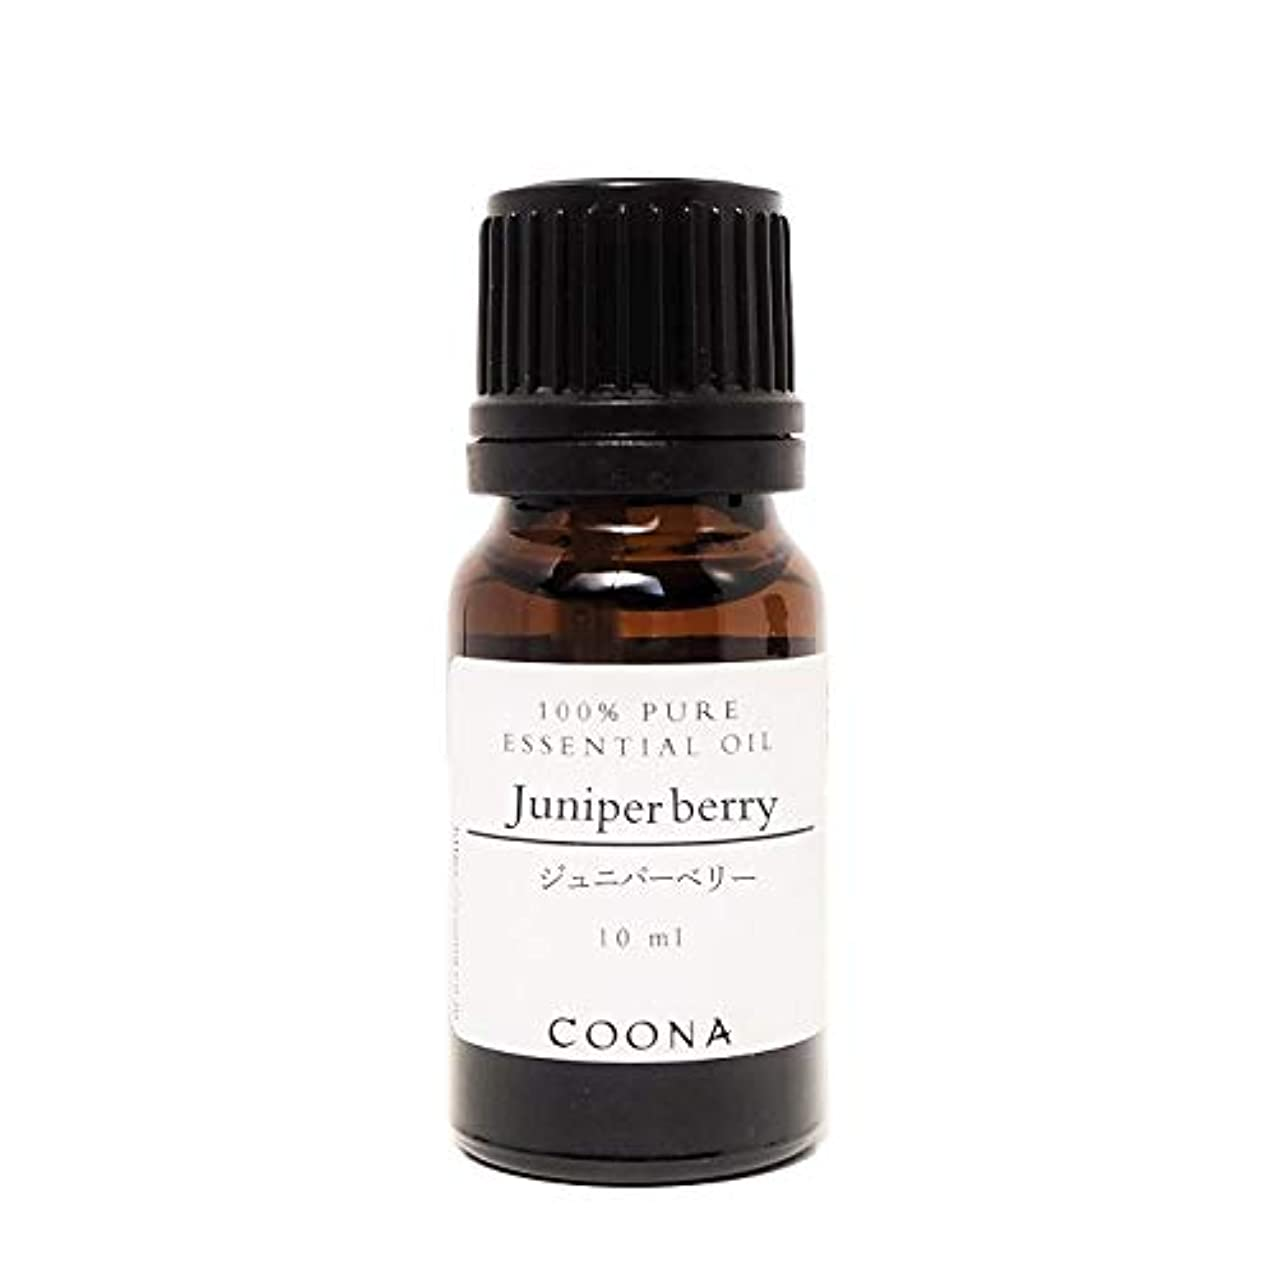 数密重々しいジュニパーベリー 10 ml (COONA エッセンシャルオイル アロマオイル 100%天然植物精油)